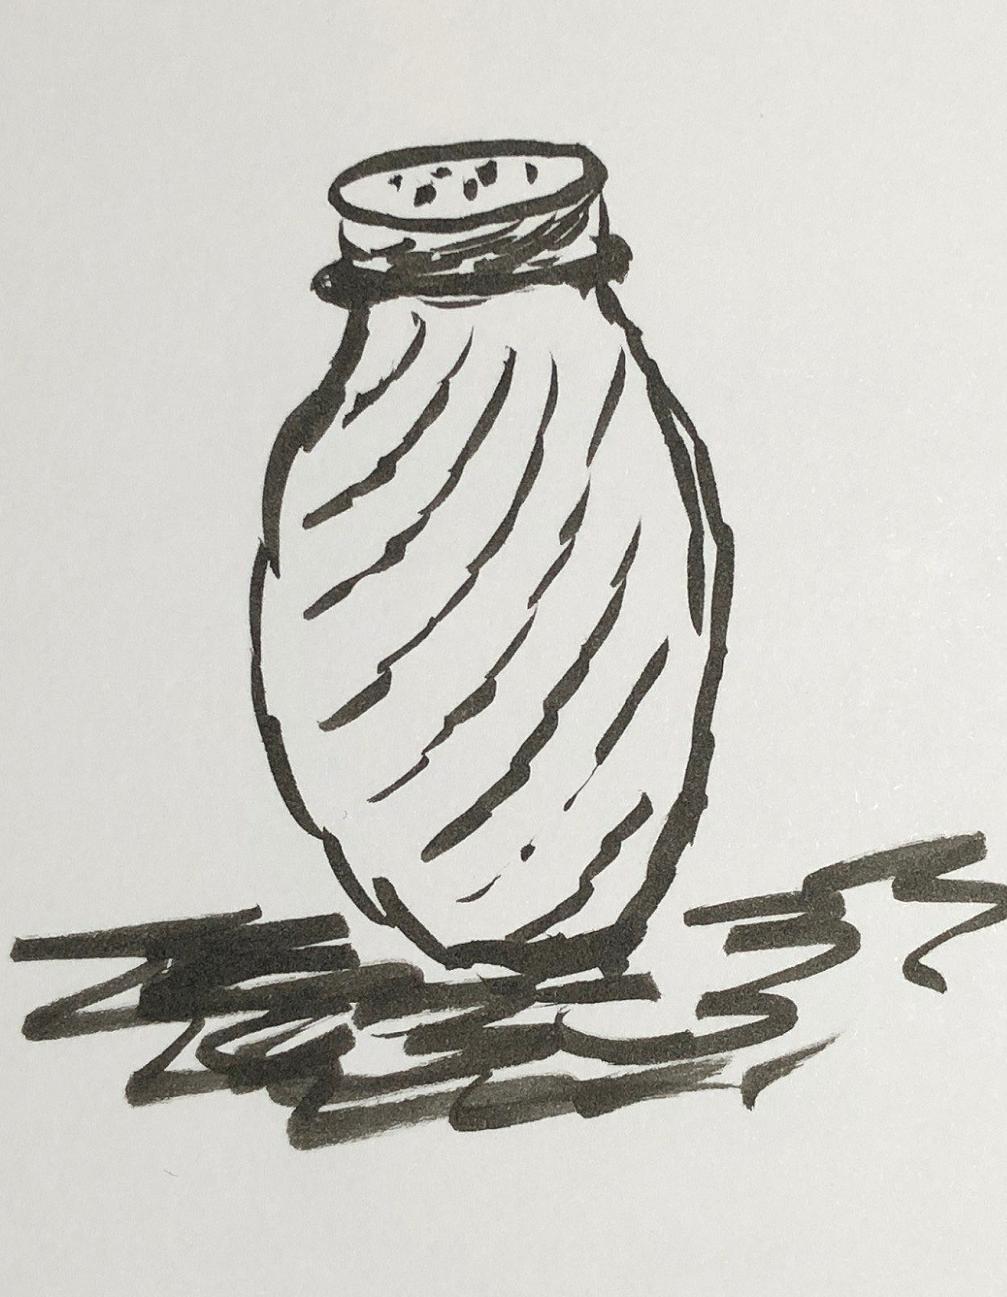 00s Salt Shaker